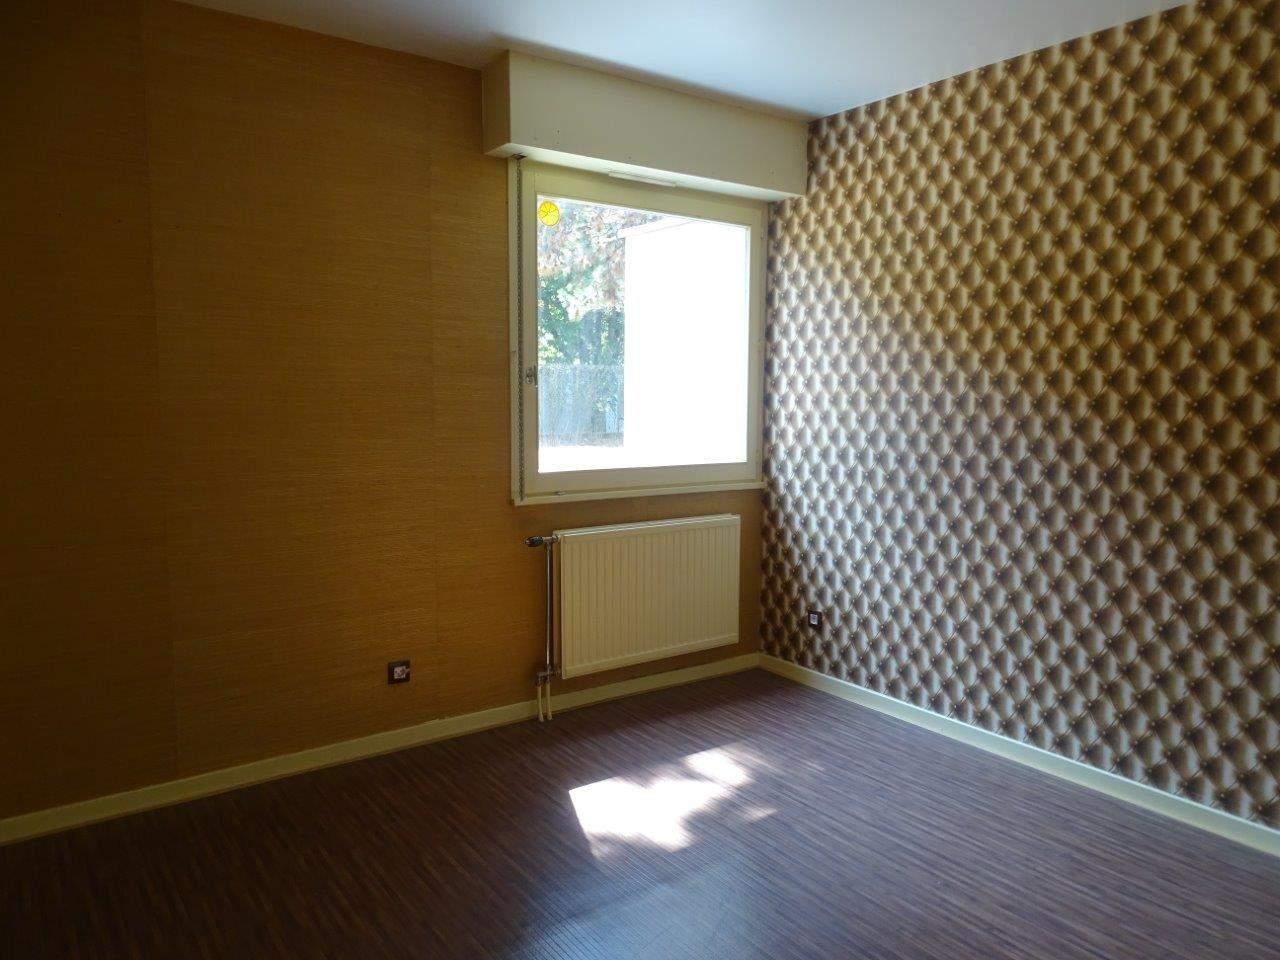 3/4 Zimmer Wohnung Mit Potential Auf 83,76qm In Straßburg ...